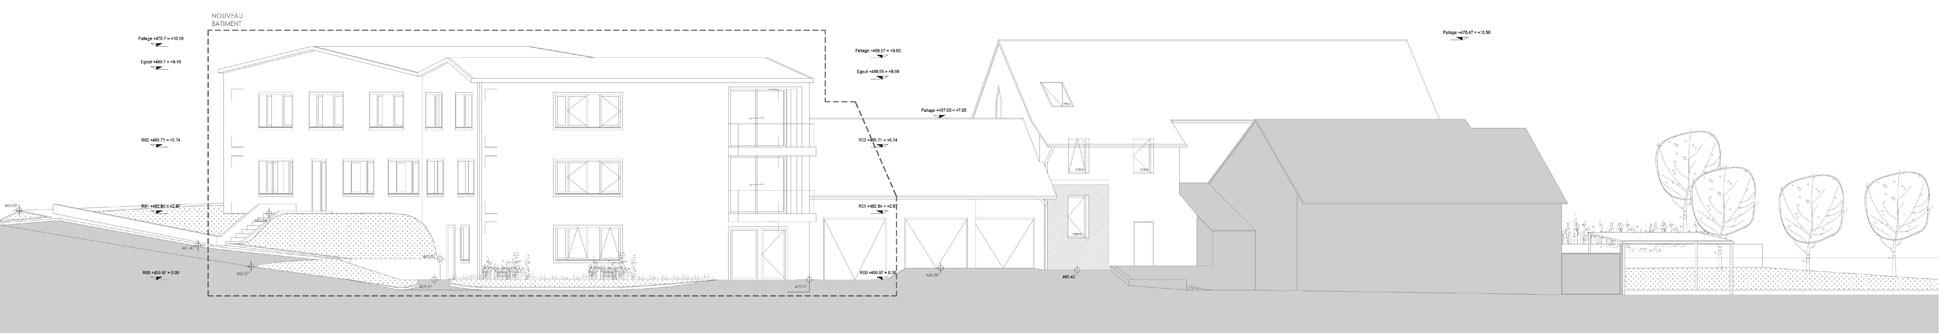 guenin architecte Bernex / GE / CH Logements collectifs à Bernex